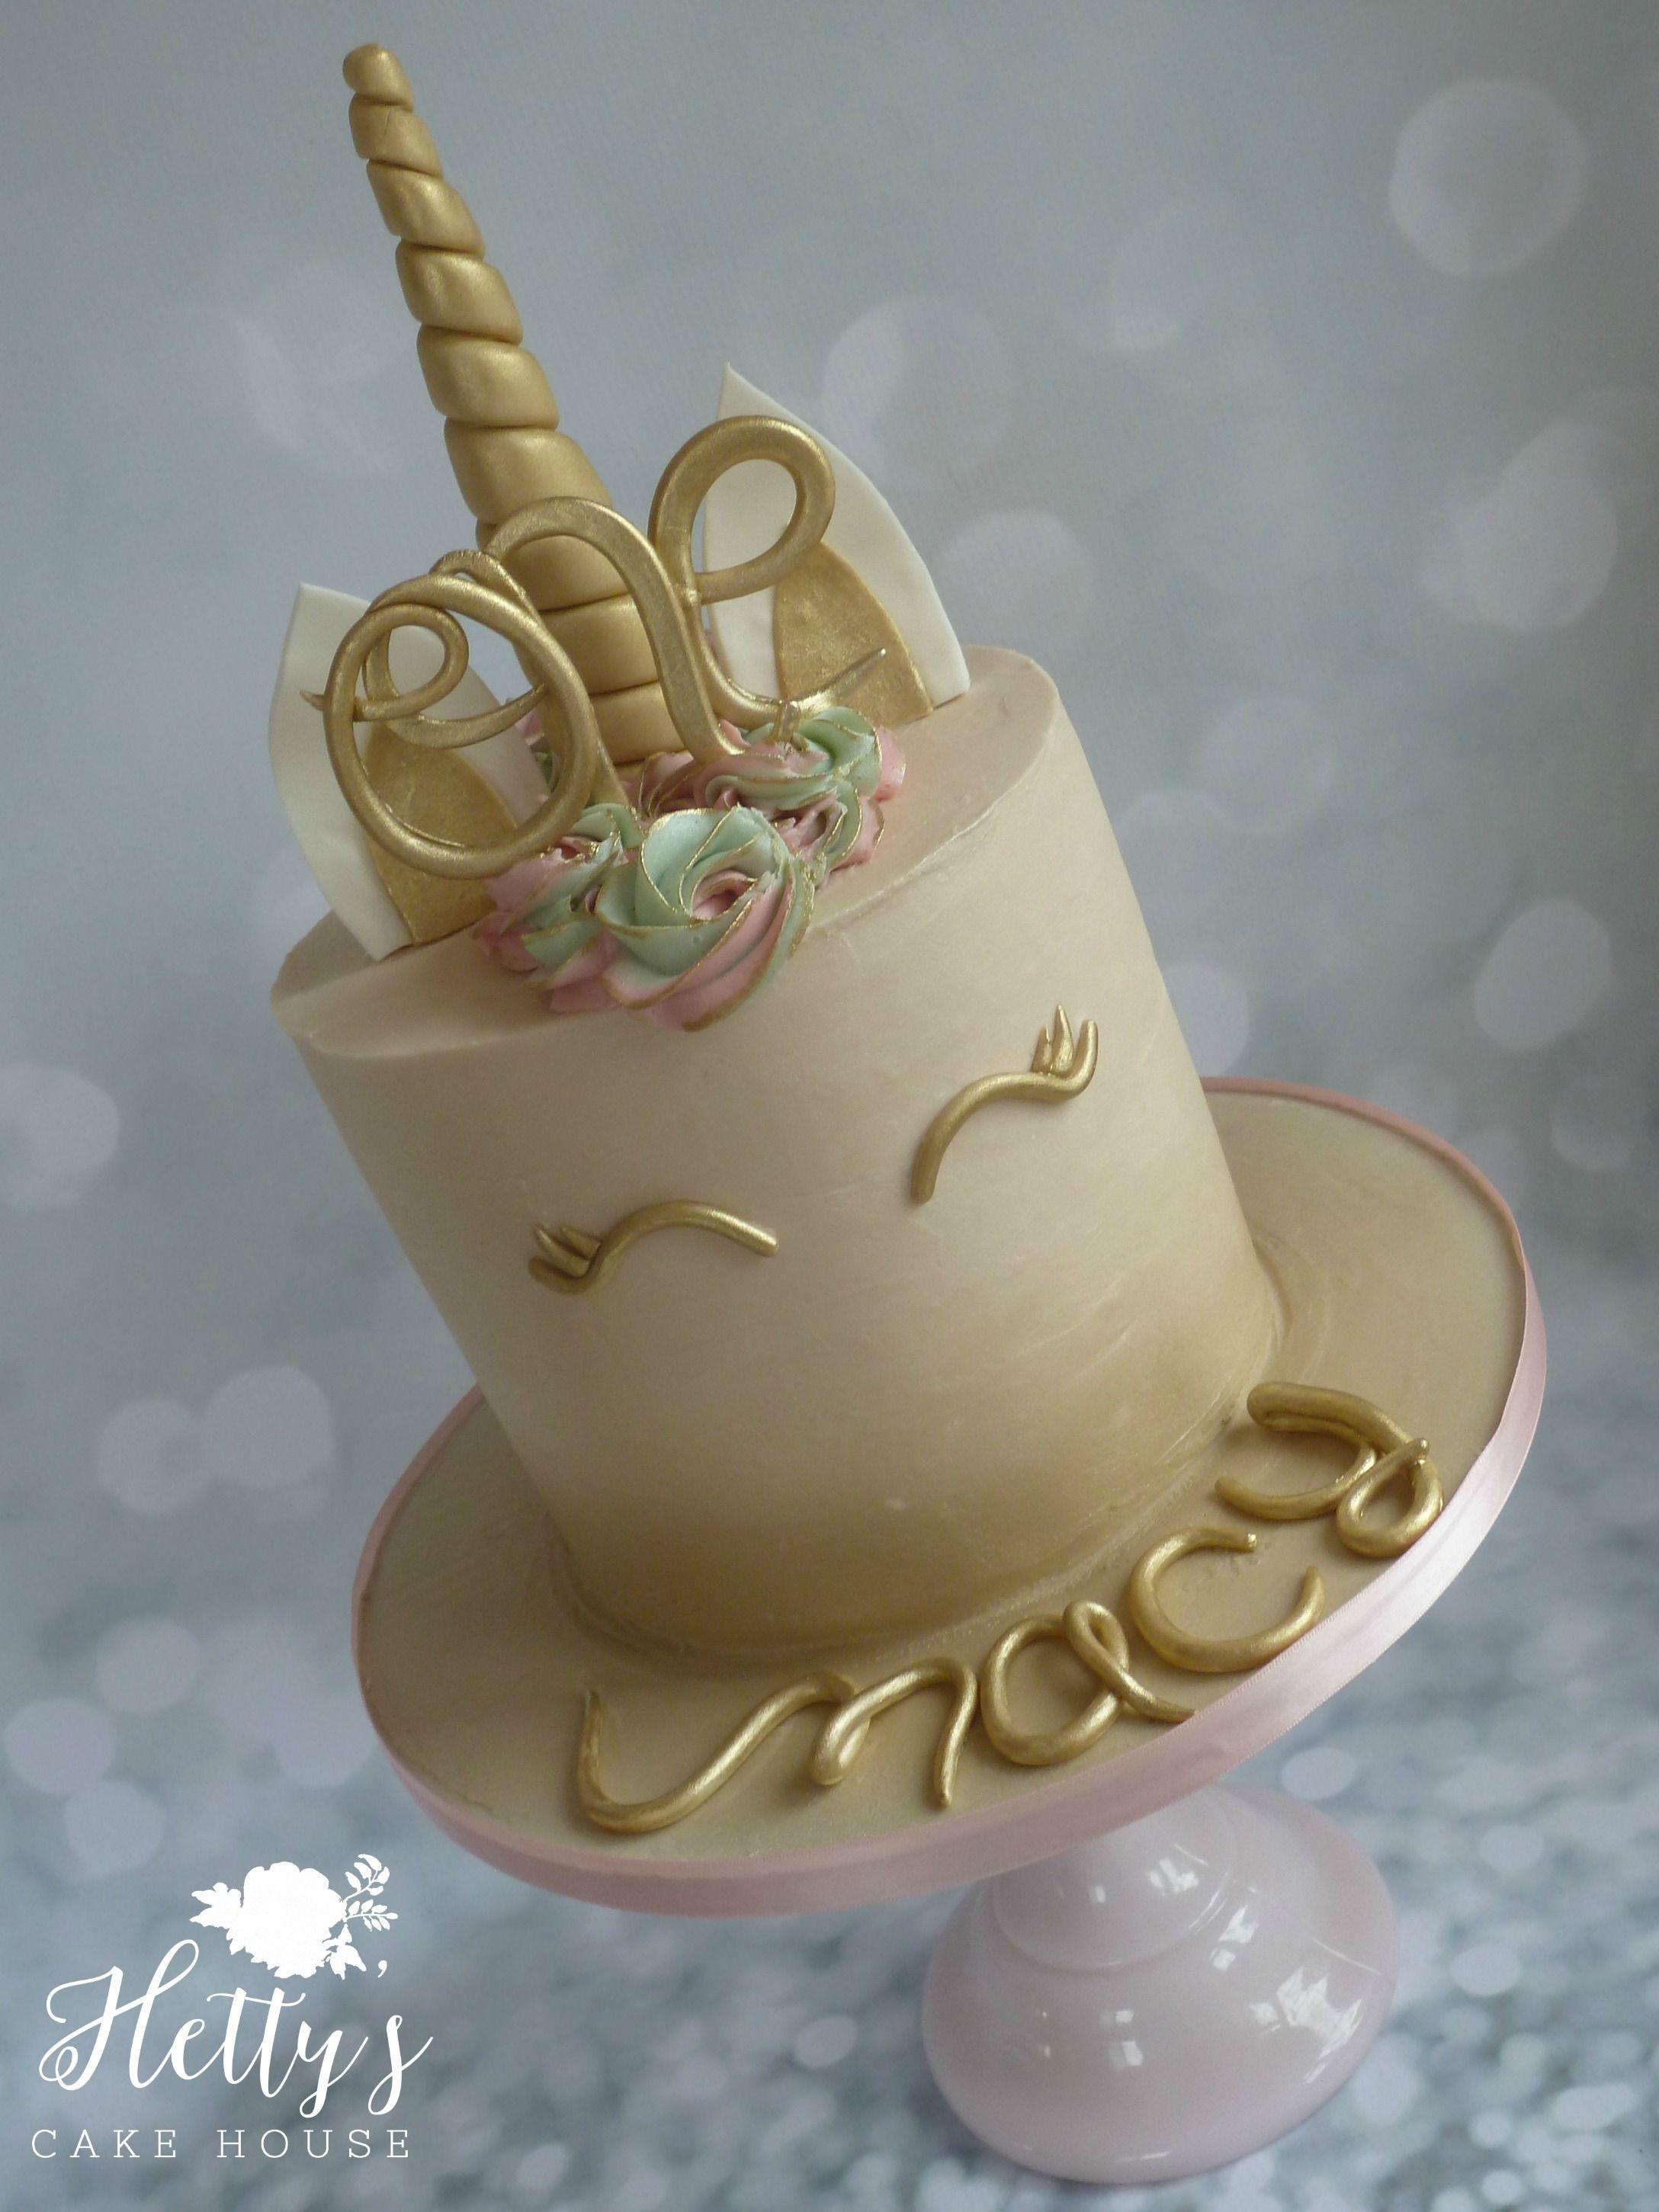 Celebration cakes hettys cake house celebration cakes